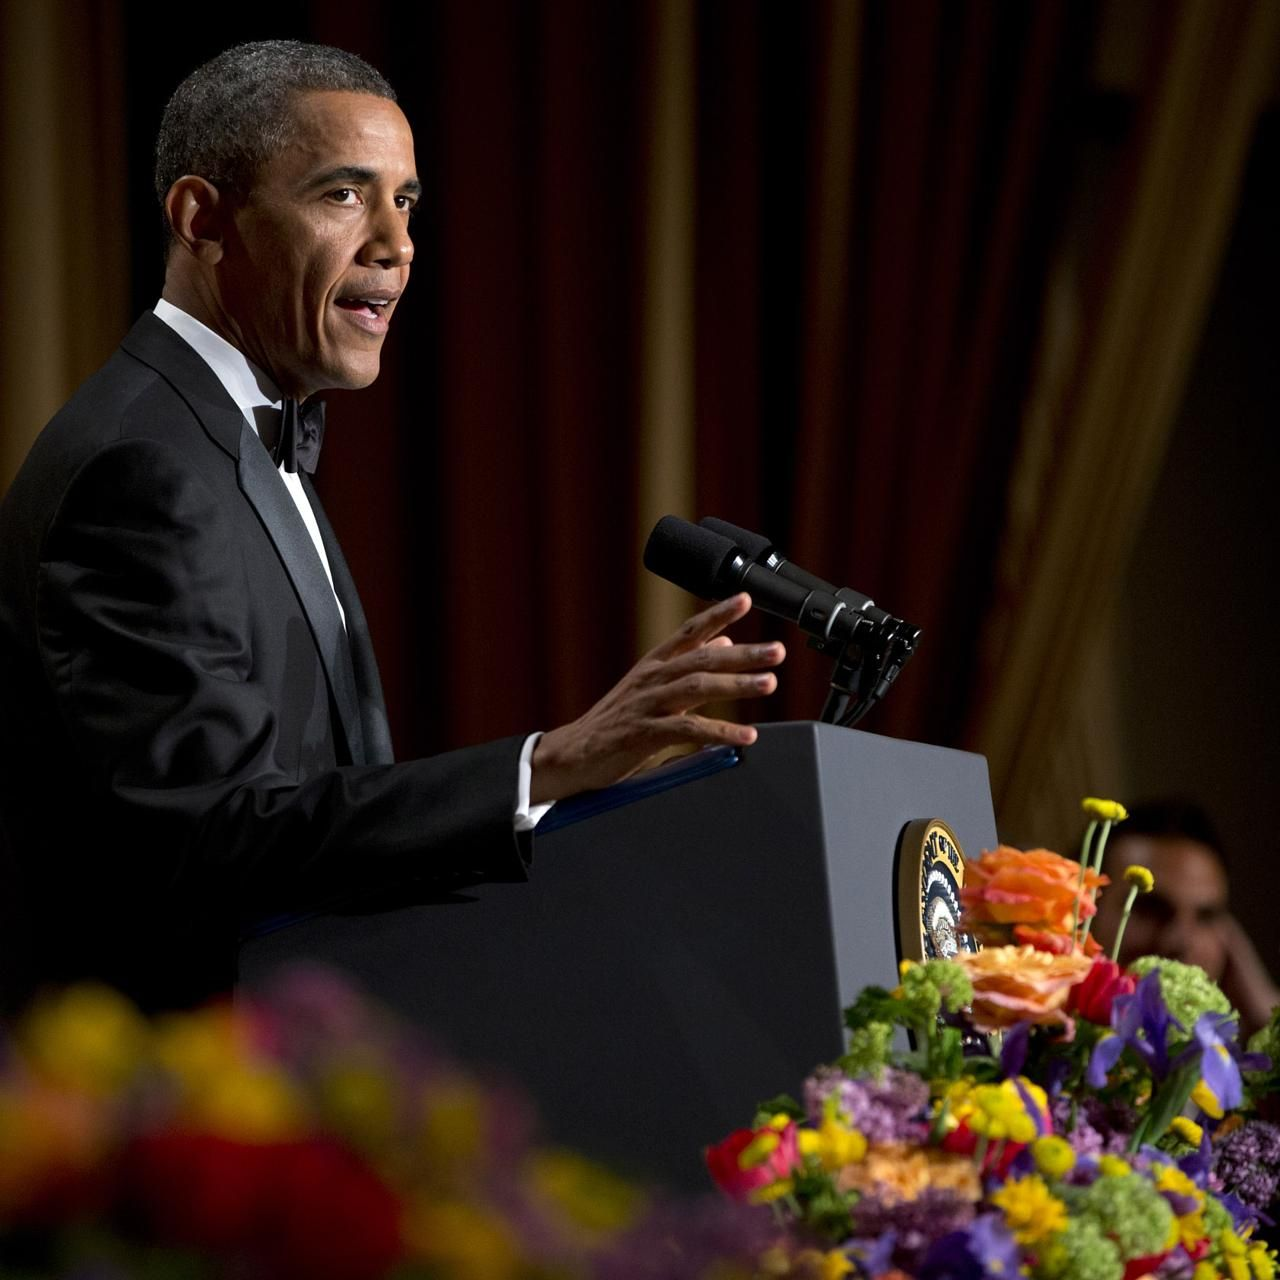 Obama 'sings' Daft Punk's 'Get Lucky'